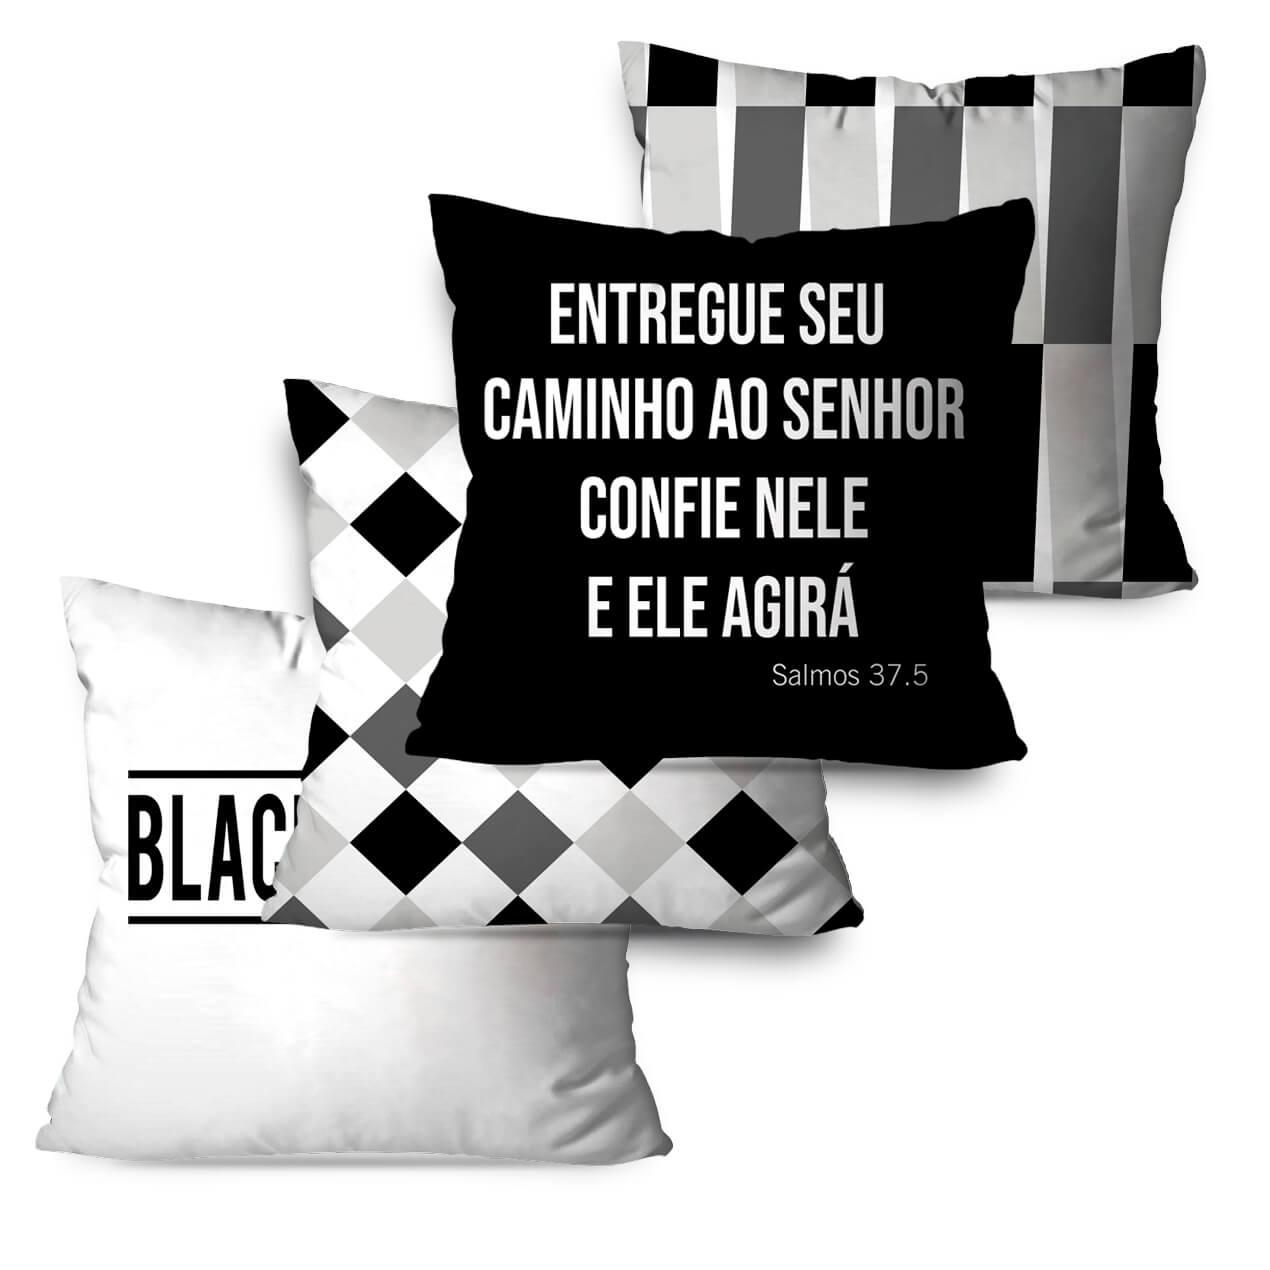 KIT 4 ALMOFADAS OU CAPAS BLACK AND WHITE